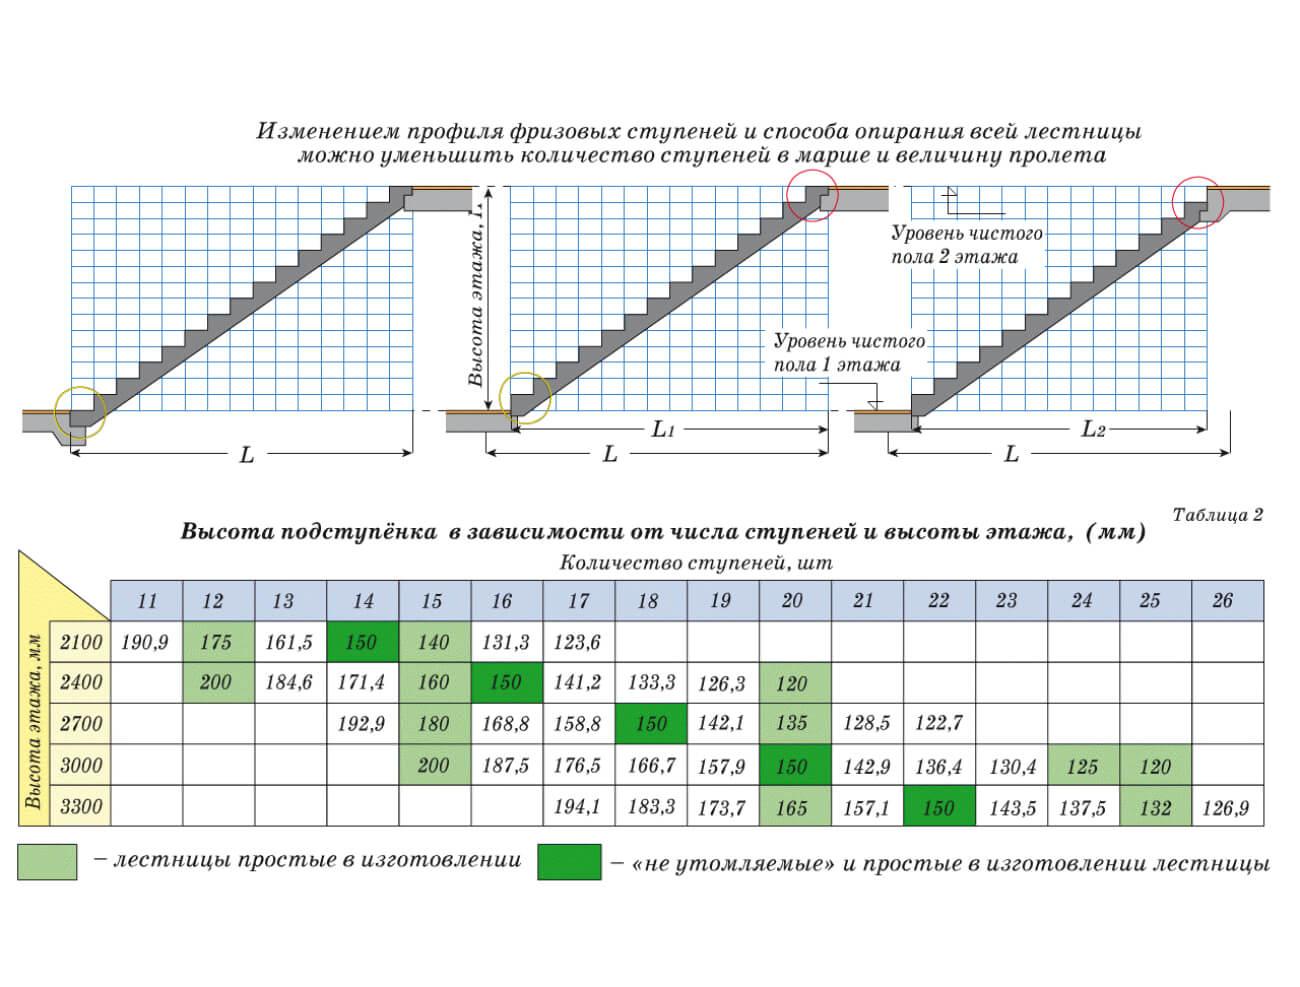 Стандартная высота потолков в доме и квартире: регламенты сн.